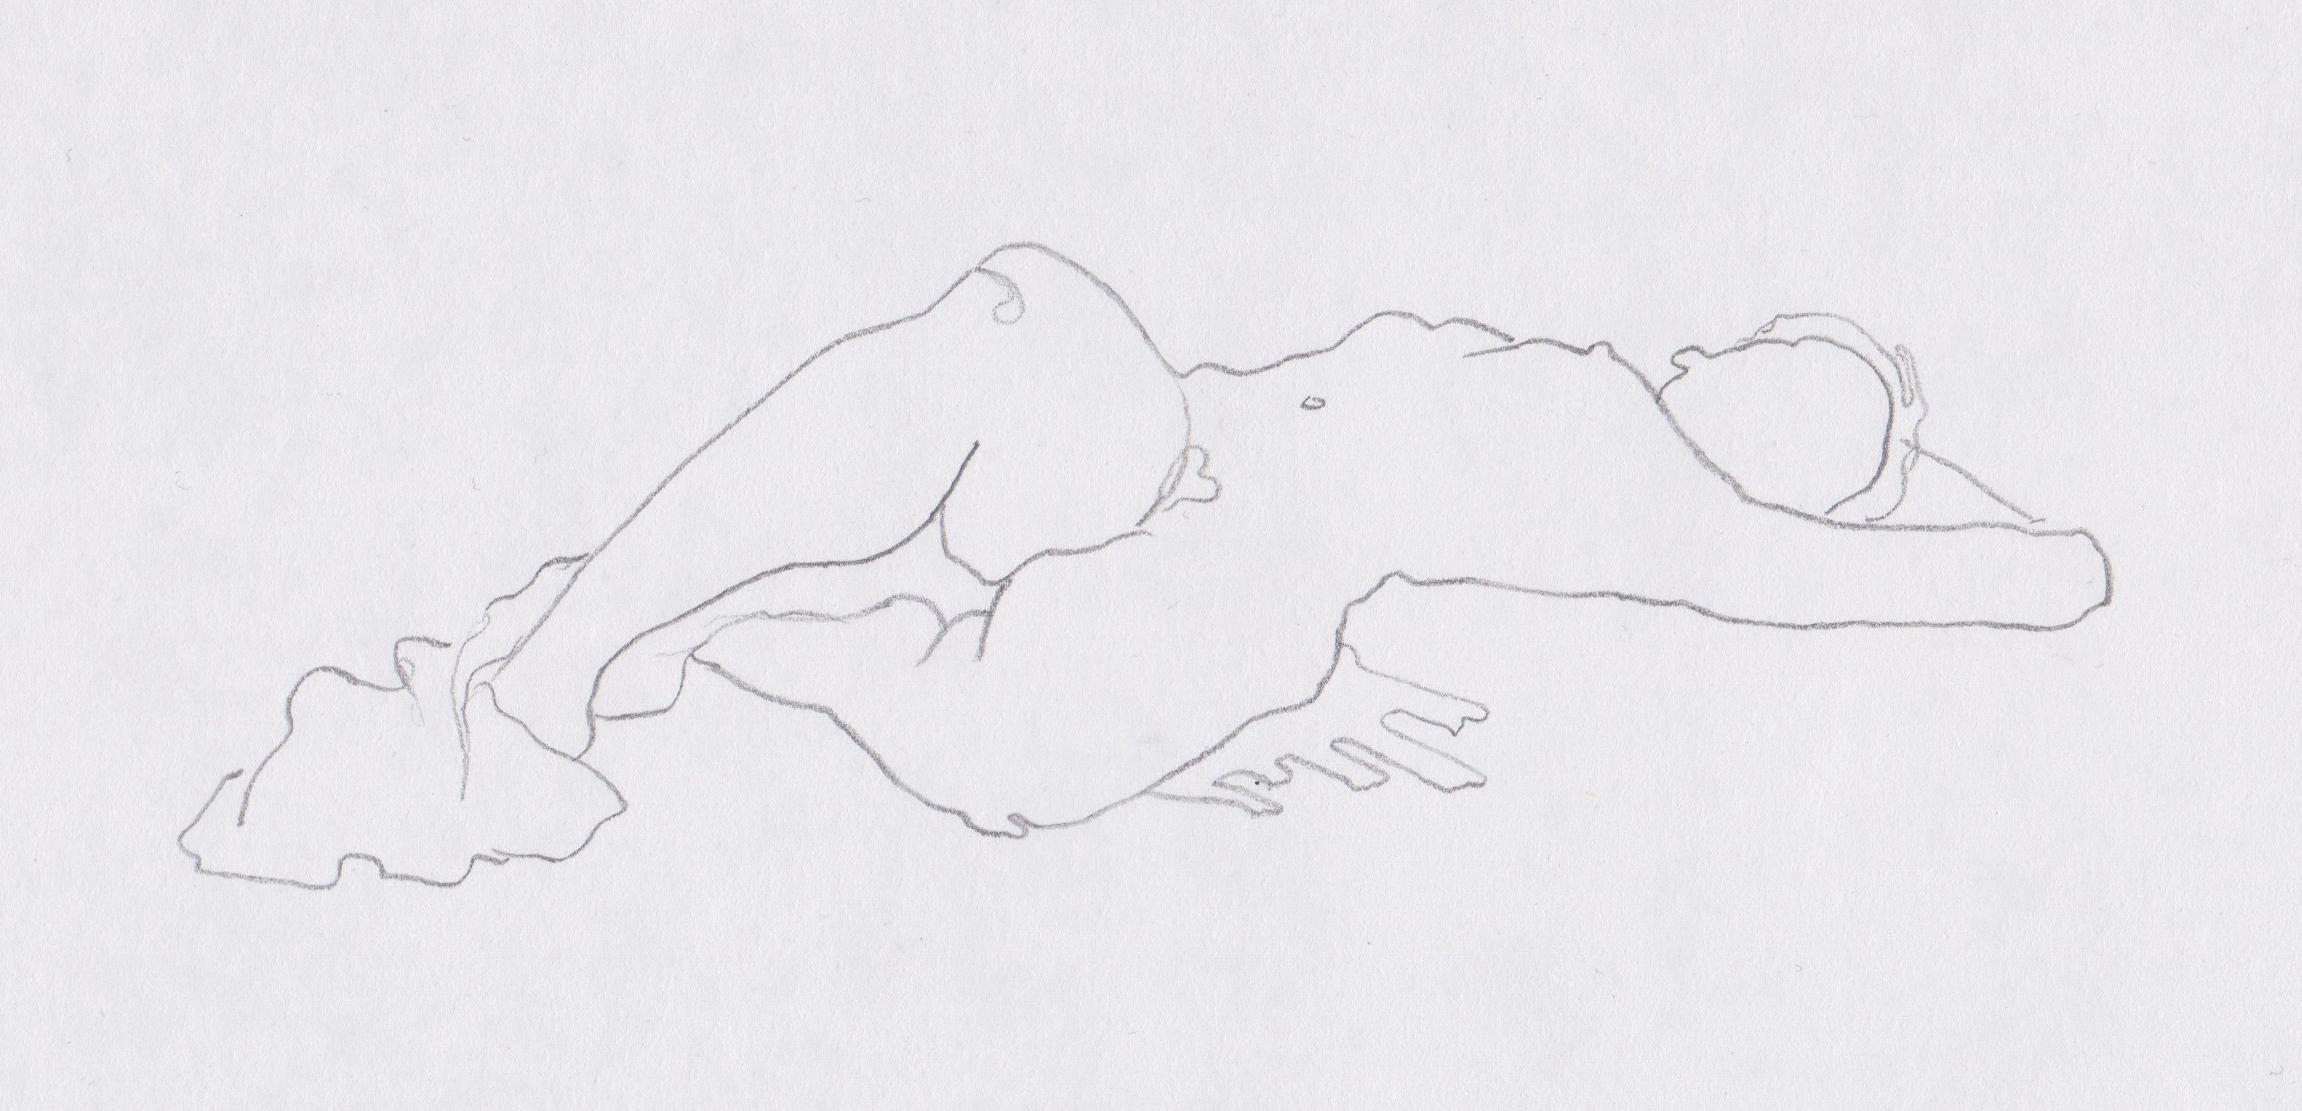 2016_Sketch_F-Beudin_Pauline_01